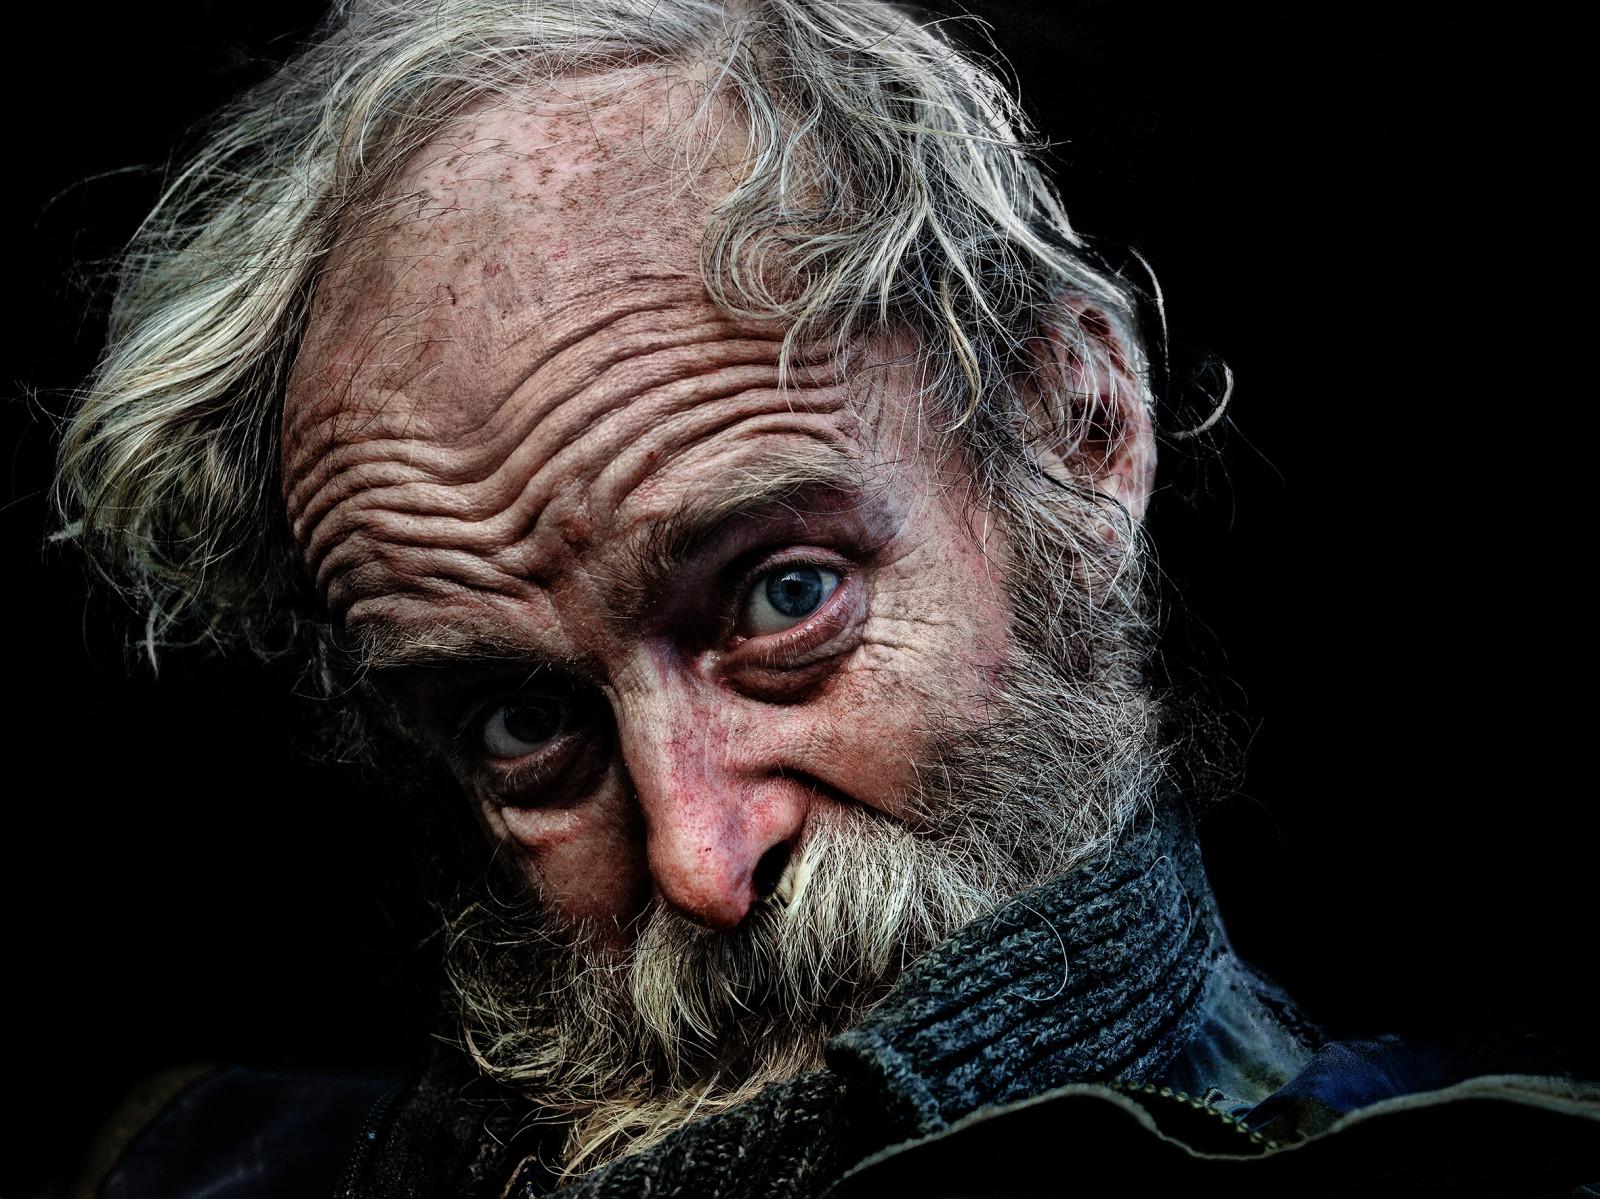 Fond d 39 cran portrait visage roadportrait streethot for Fond ecran portrait